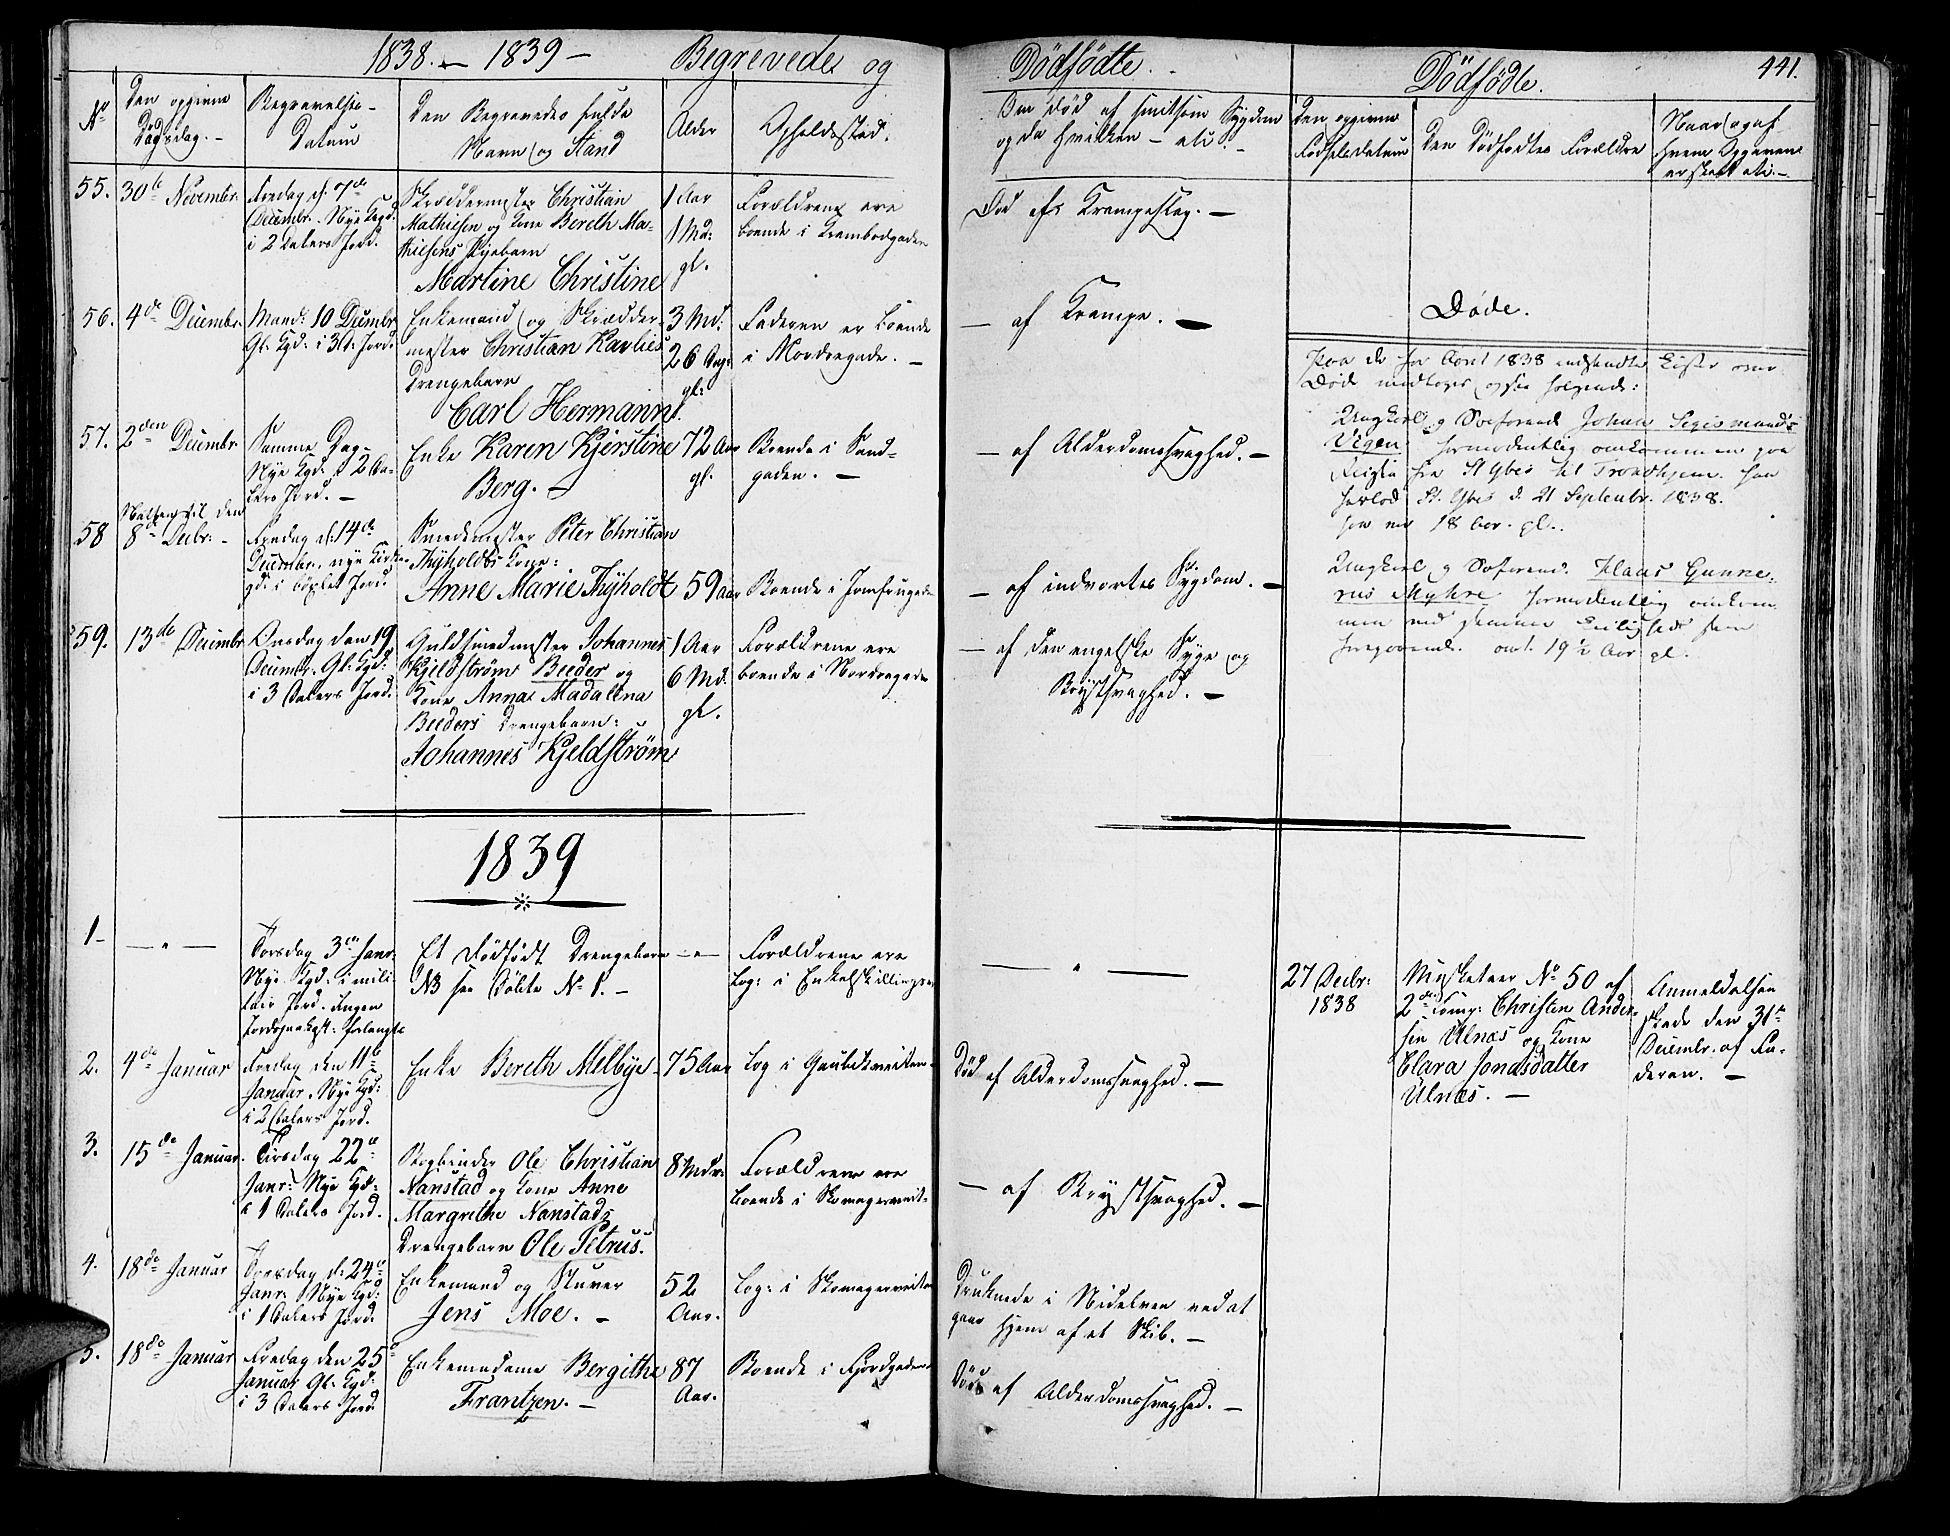 SAT, Ministerialprotokoller, klokkerbøker og fødselsregistre - Sør-Trøndelag, 602/L0109: Ministerialbok nr. 602A07, 1821-1840, s. 441